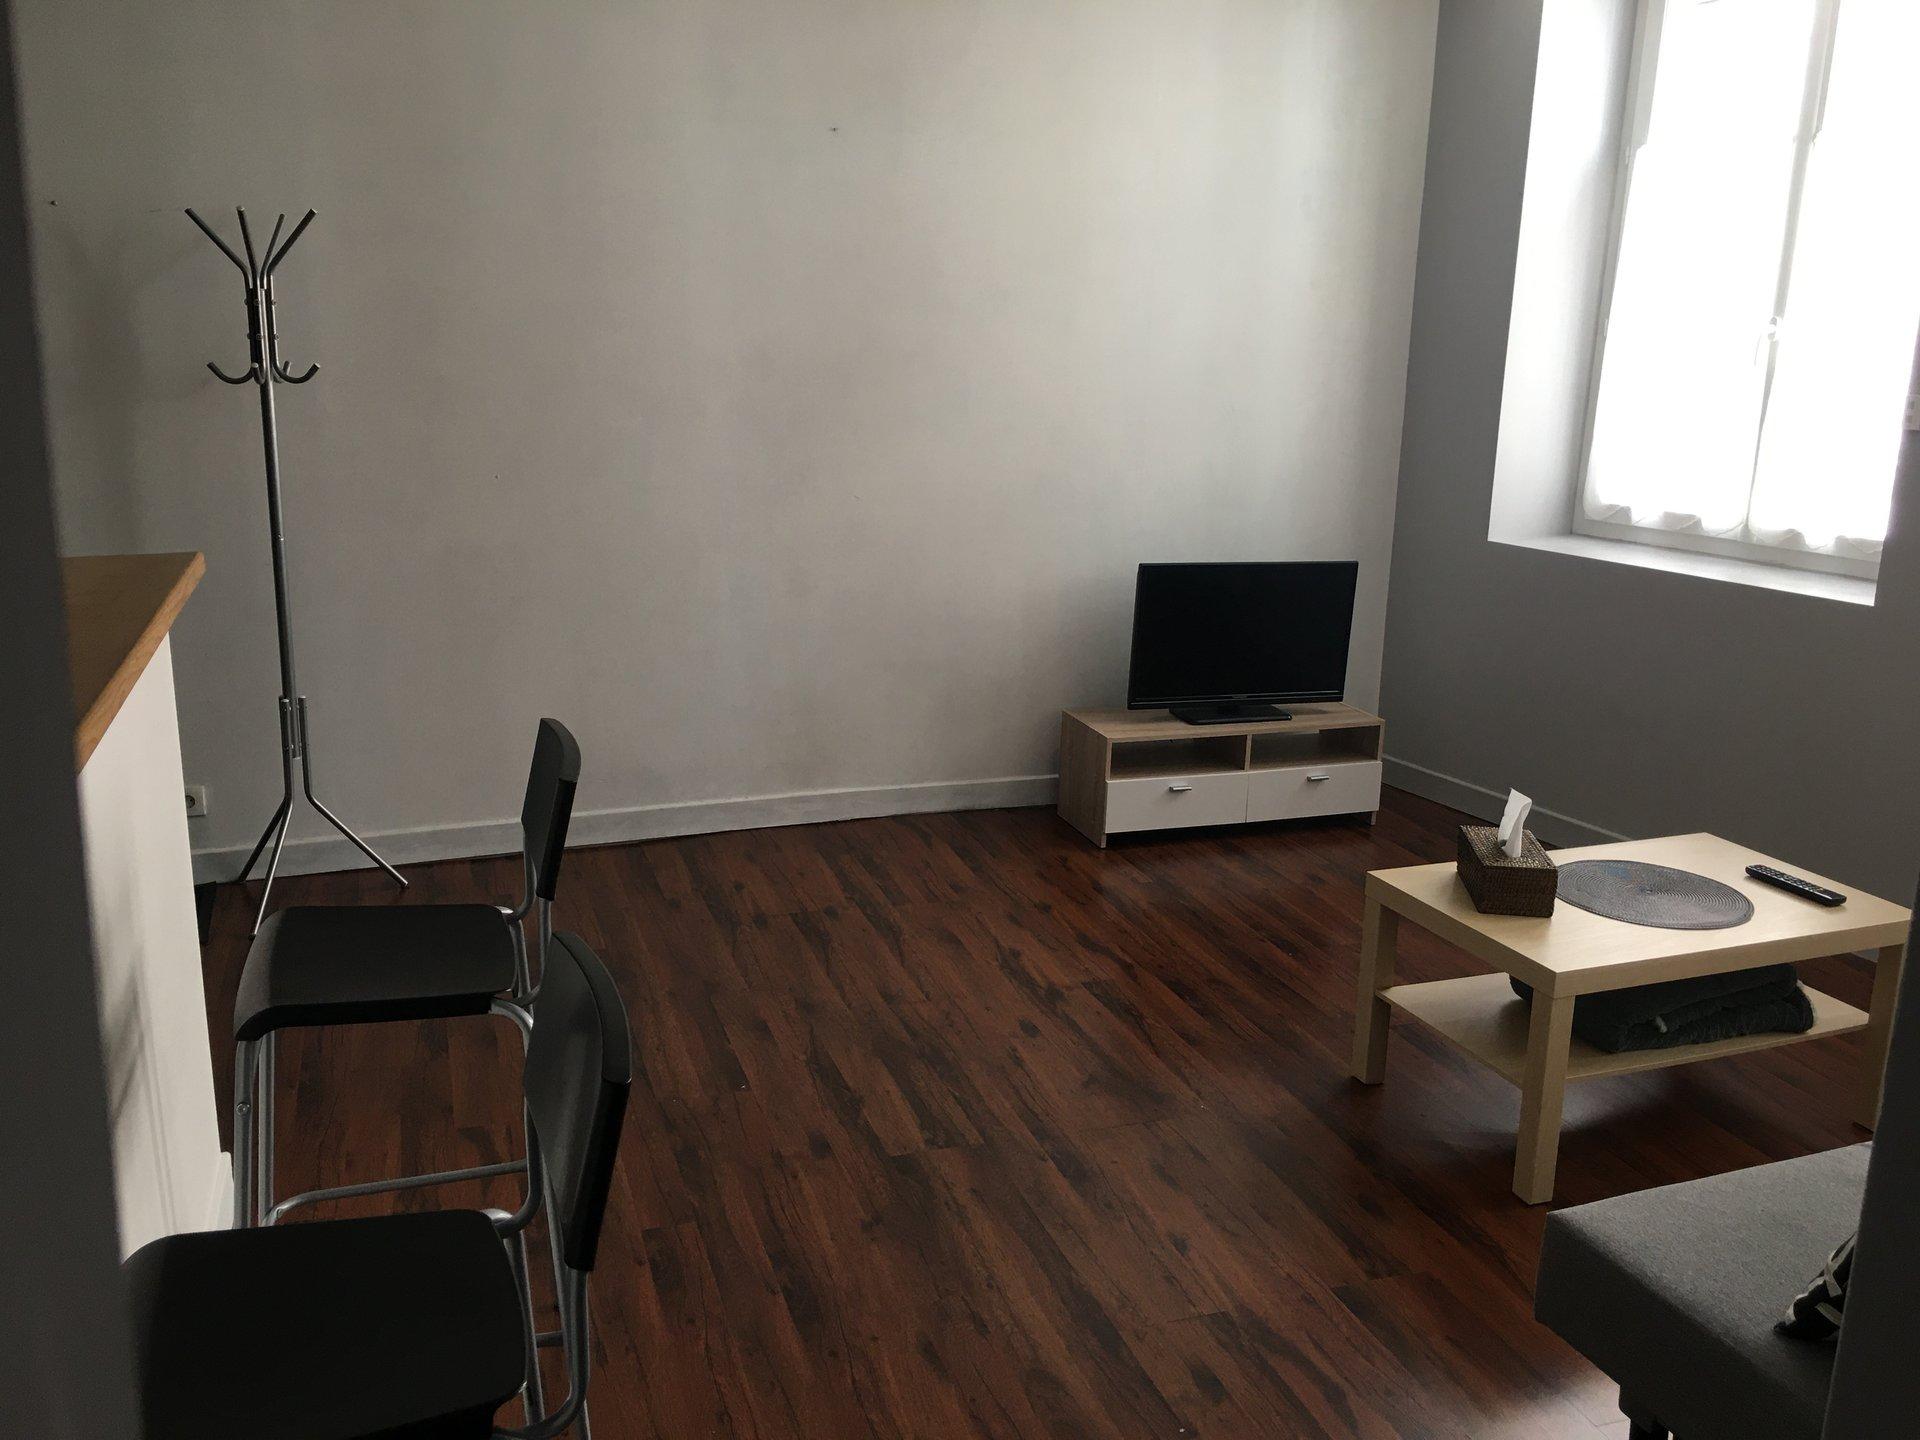 SAINT-ETIENNE - T2 40 m² meublé - Idéal pour étudiant -